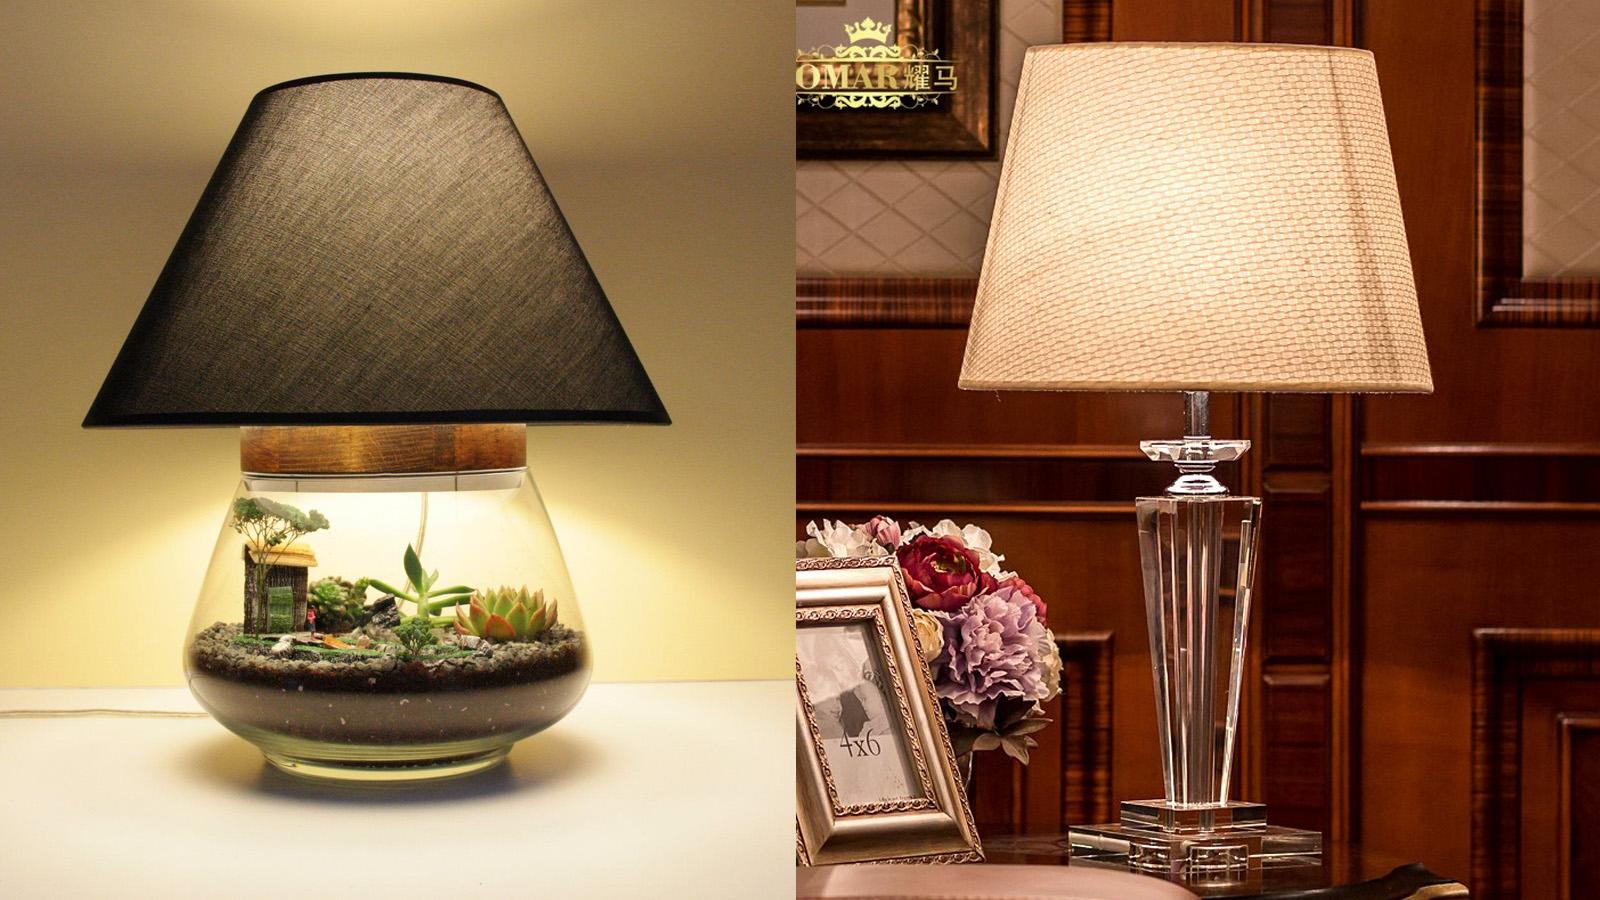 بررسی و خرید آباژور کلاسیک، محصولی خاص و درخشان در خانه شما